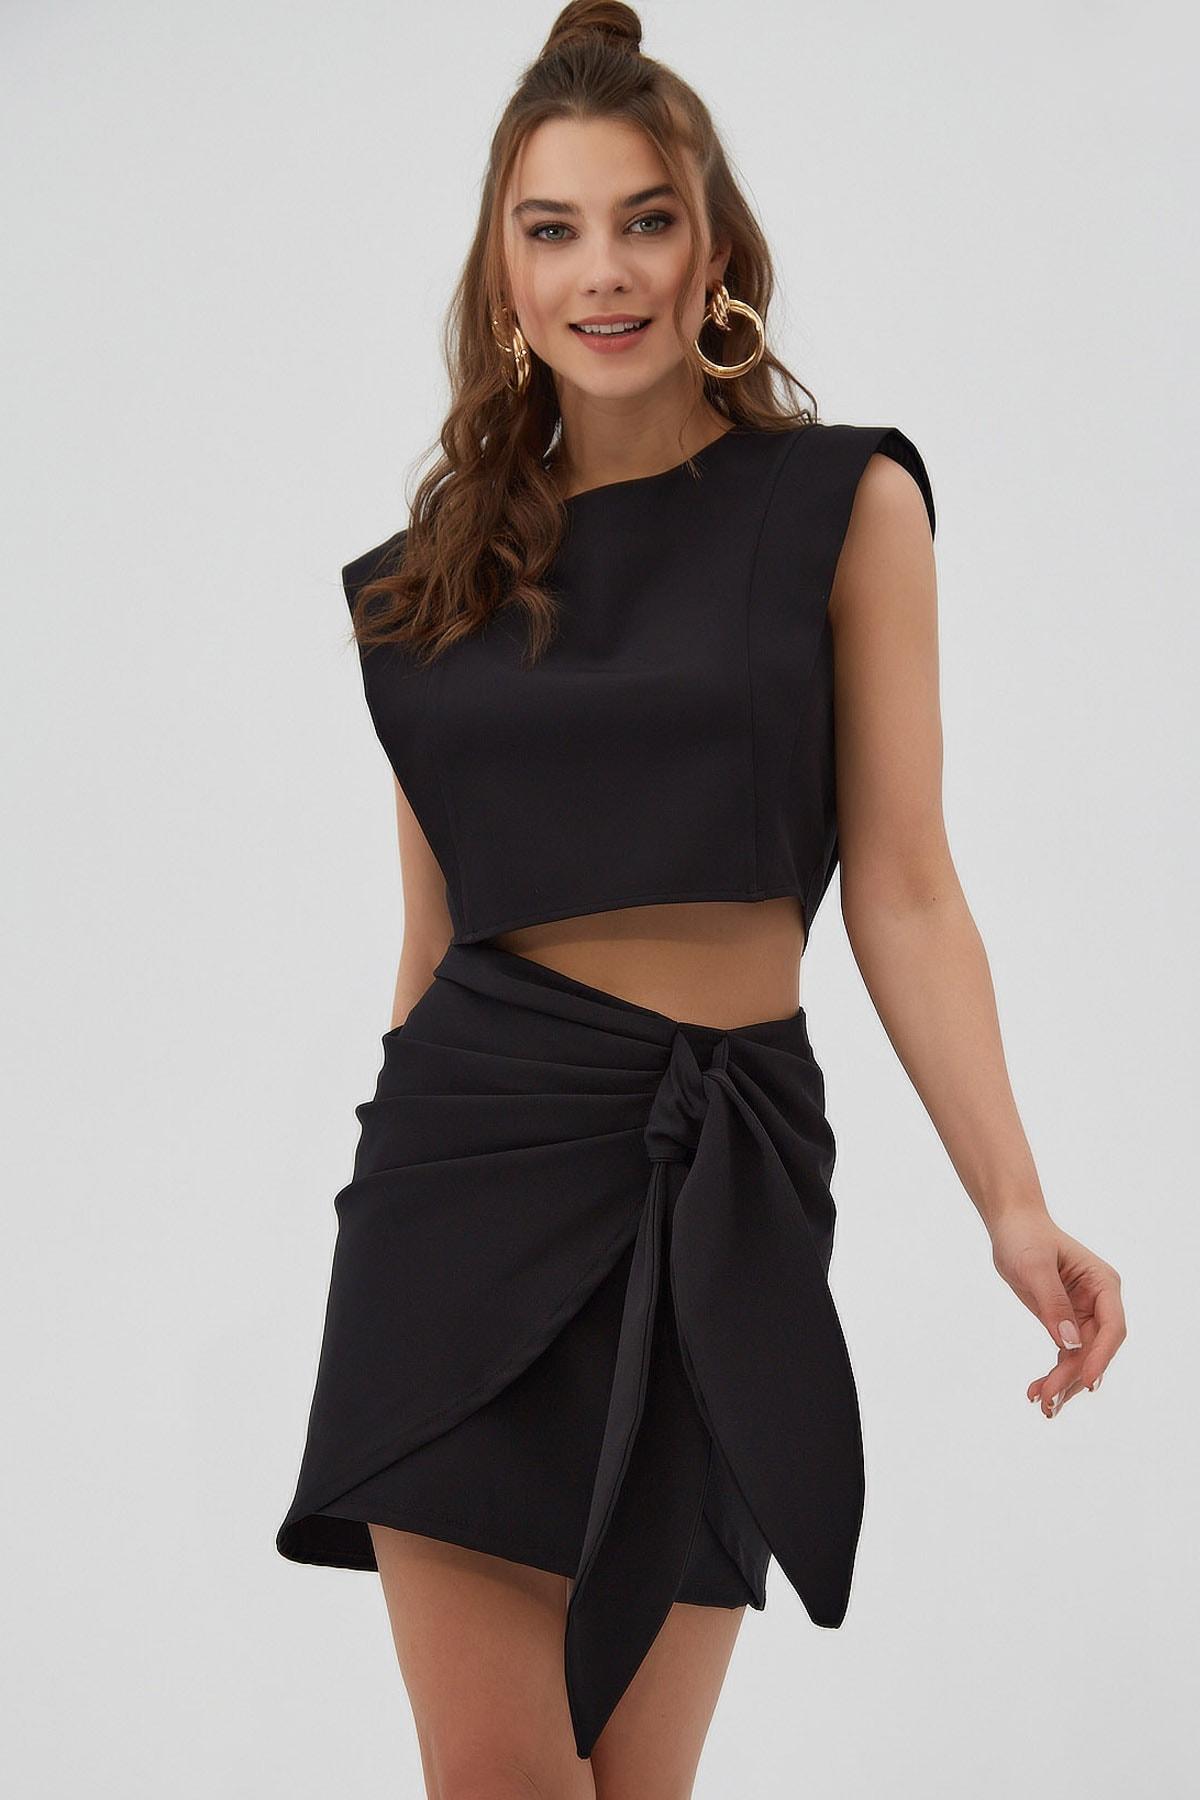 Kadın Vatkalı Dalgıç Kumaş Crop Bluz P21s201-2161